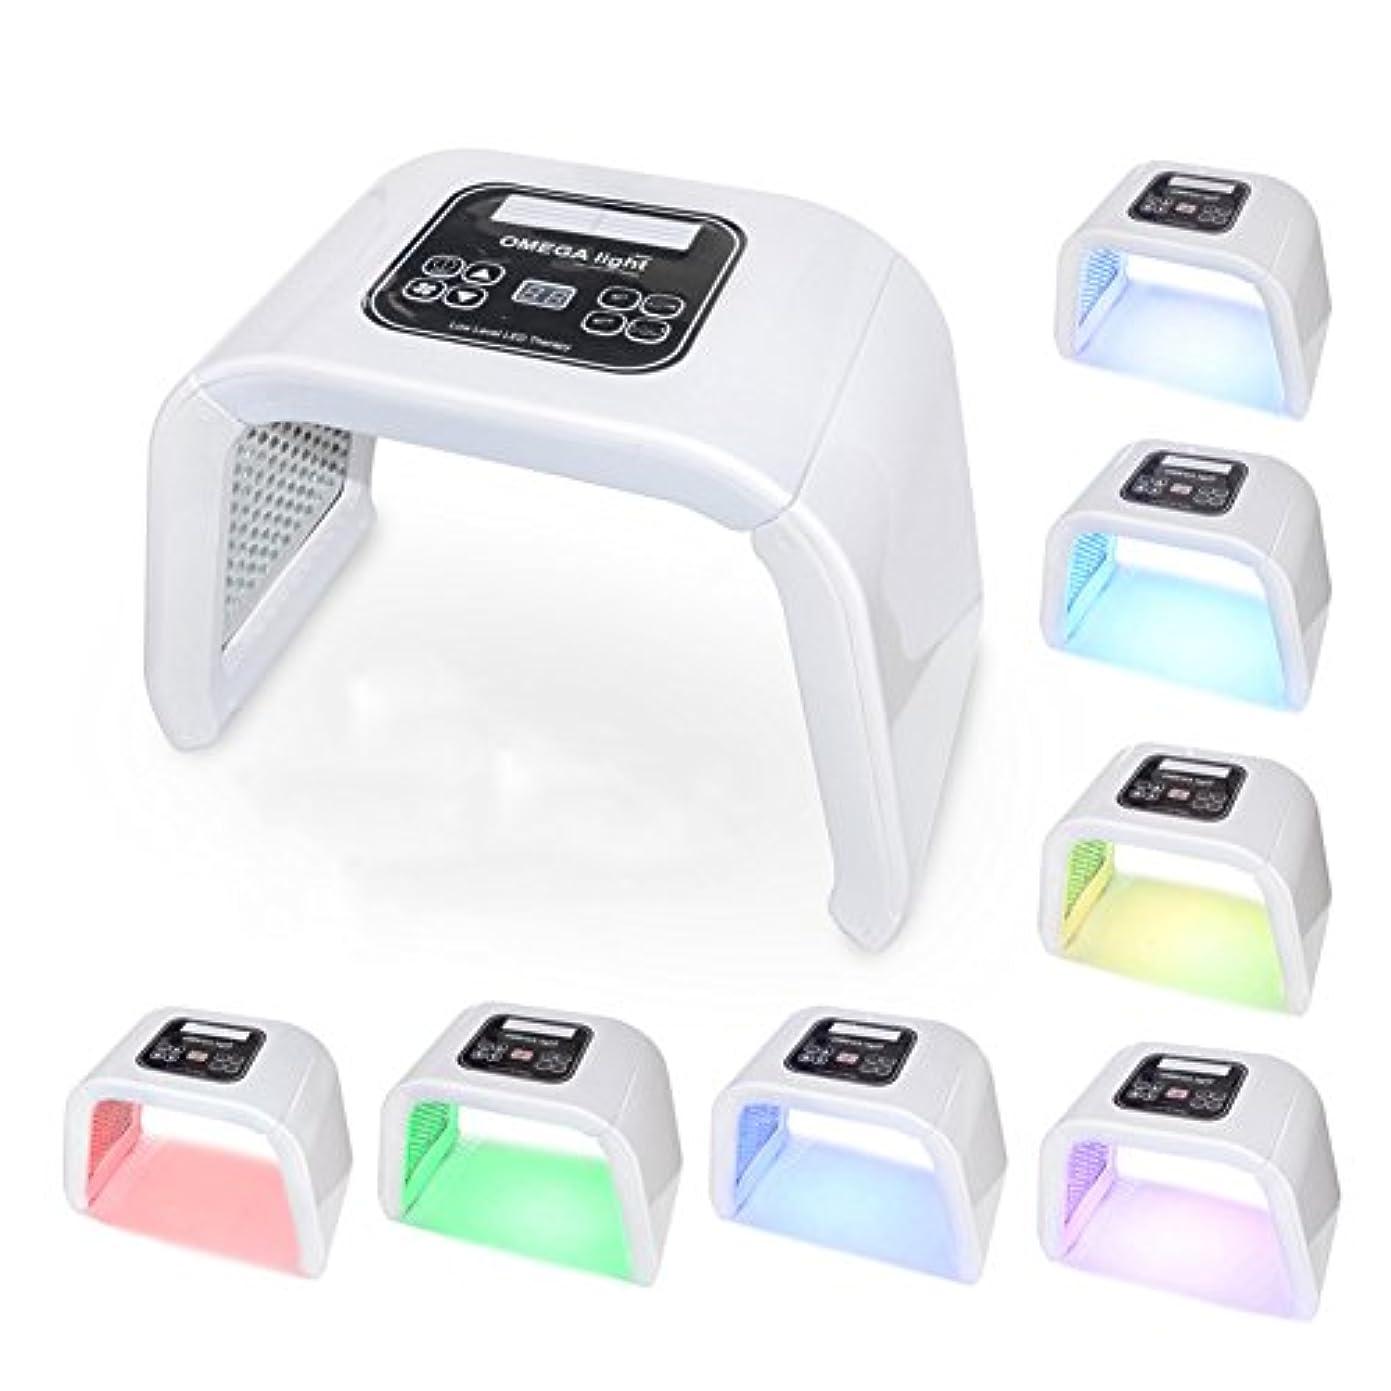 アリ保全深く光子治療器7色ライトニキビ美容器具,White